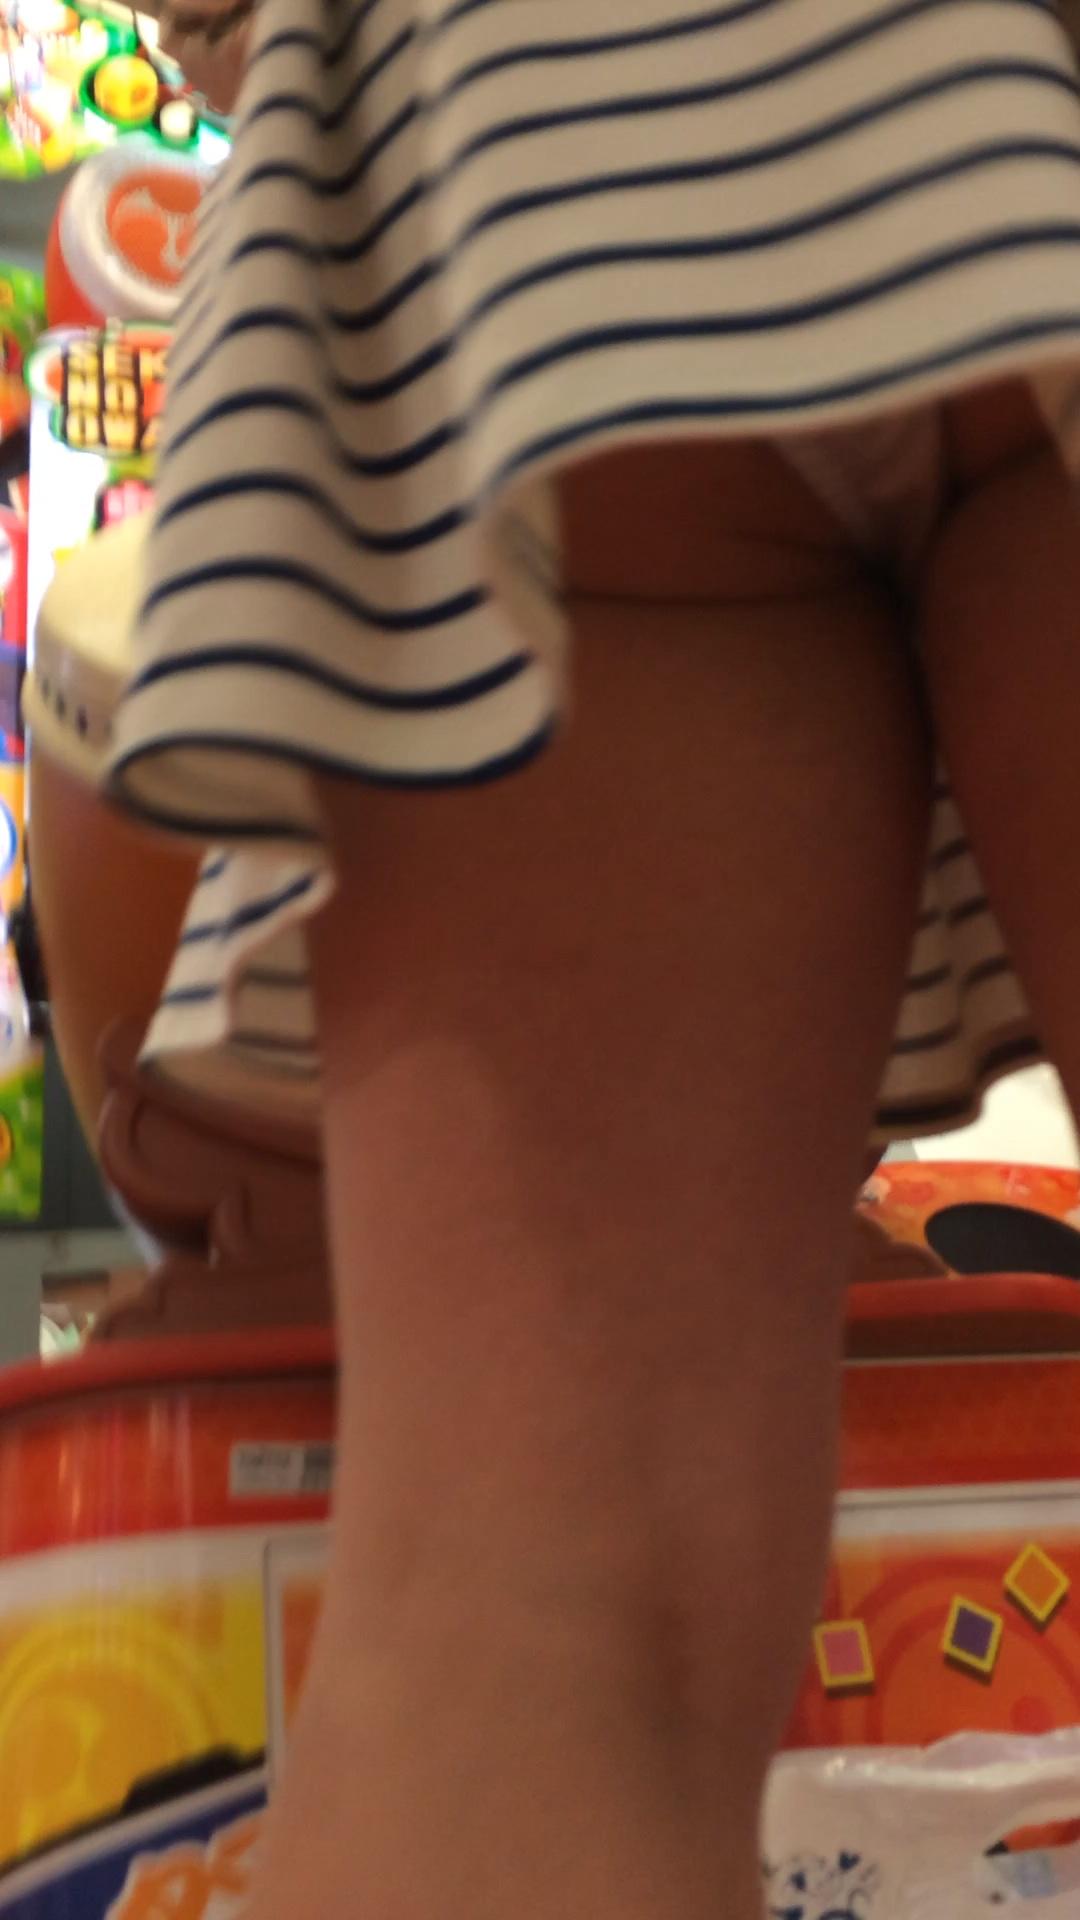 【パンチラエロ画像】ご遊戯中は足下がお留守なゲーセン客のパンチラ激写www 13